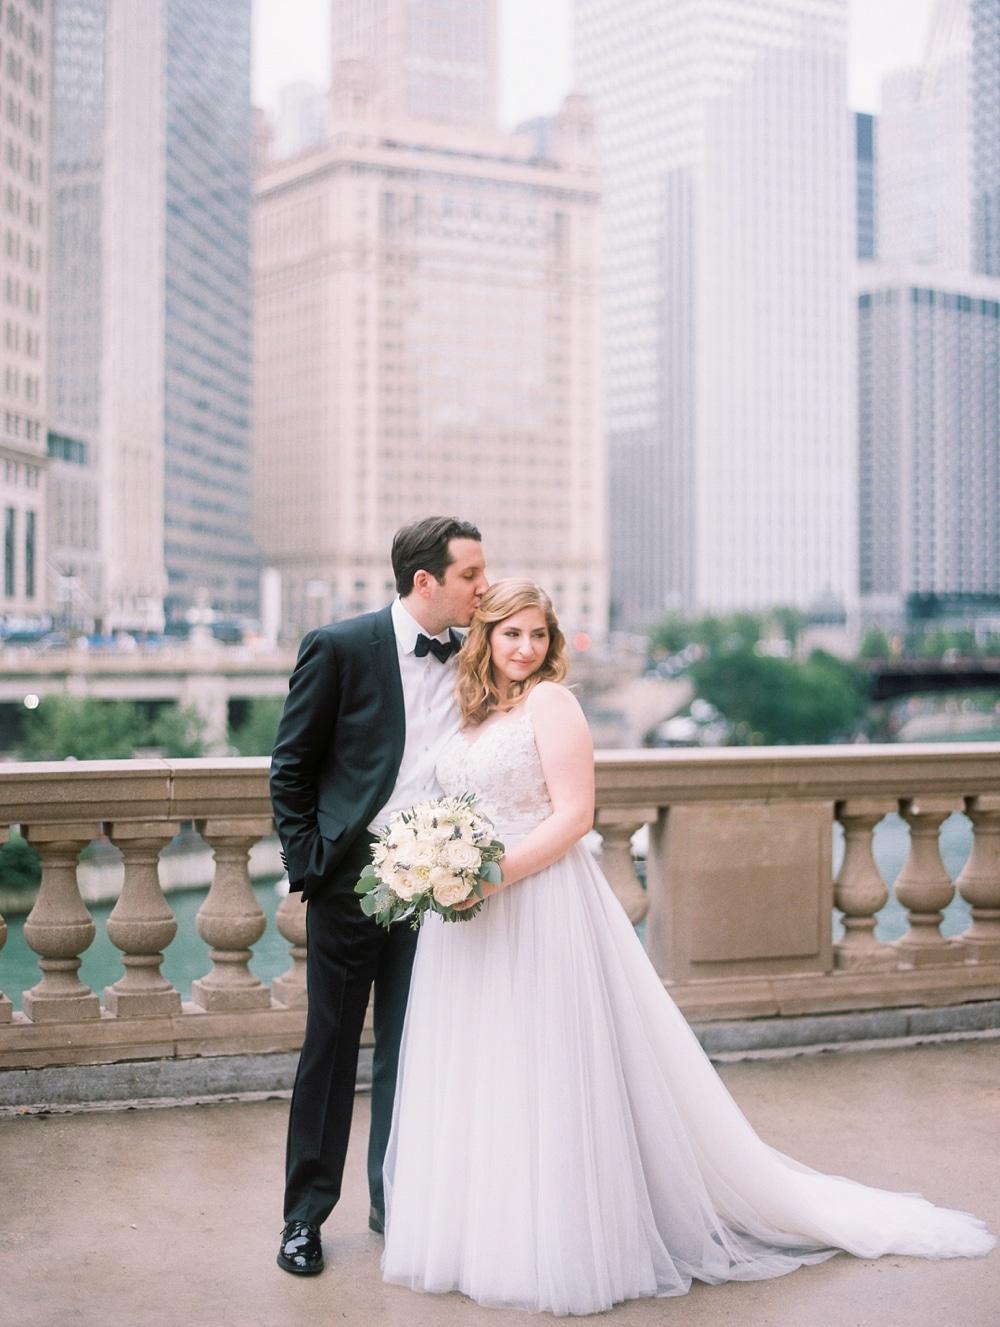 kristin-la-voie-photography-wyndham-grand-chicago-jewish-wedding-162